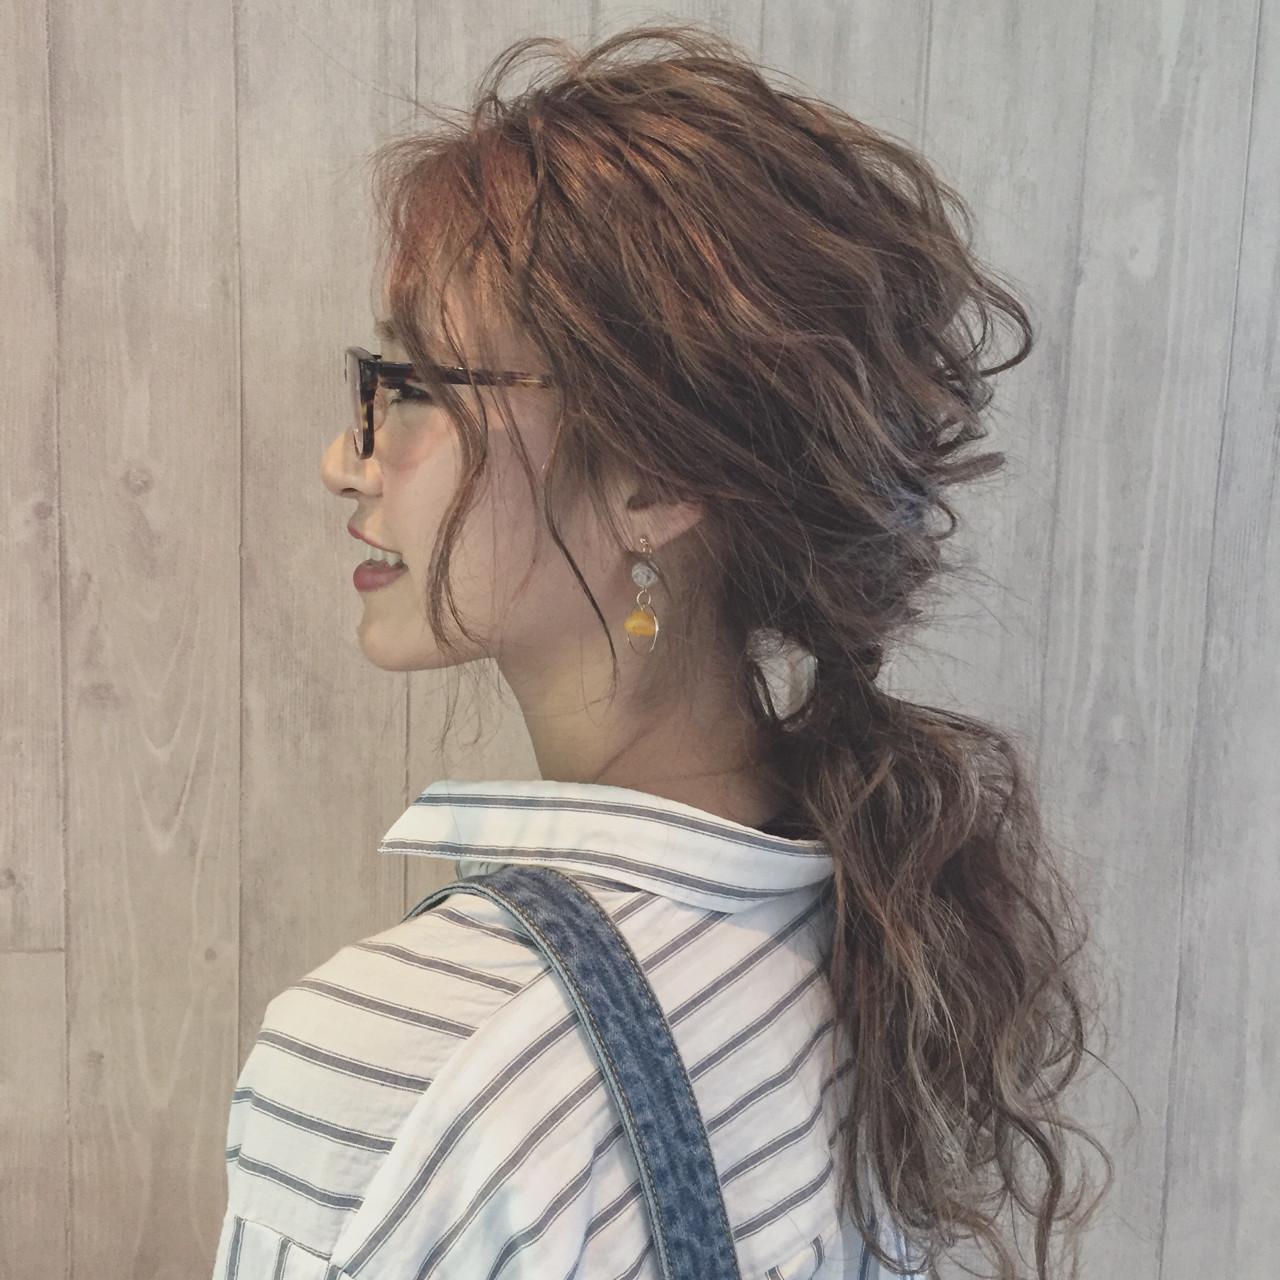 ふわふわ ガーリー ヘアアレンジ ポニーテールヘアスタイルや髪型の写真・画像